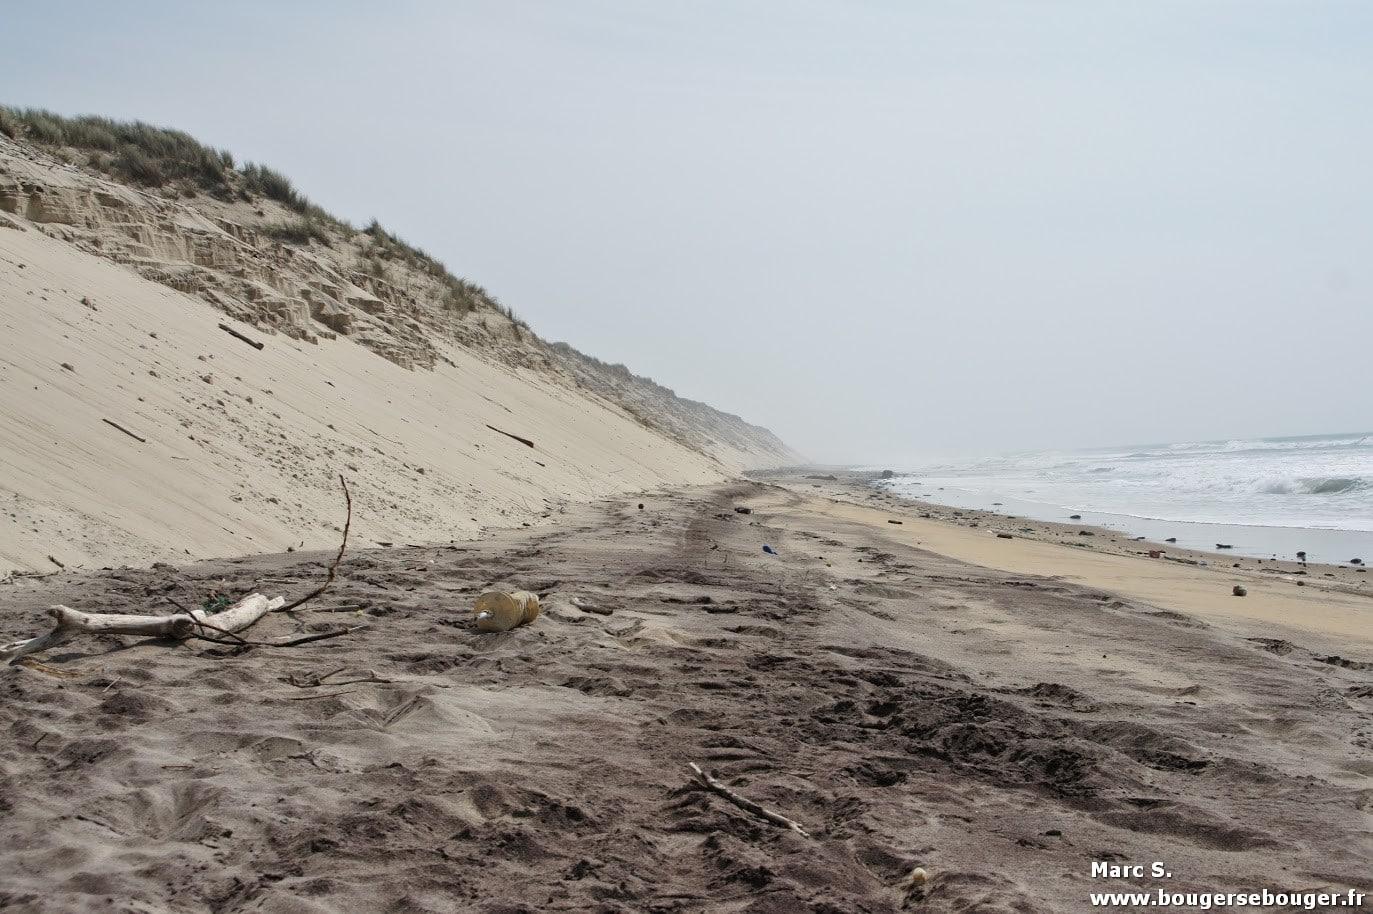 Lors d'une rando vélo entre Charentes, Saintonge et Médoc, la dune du Crohot des Cavalles ravagée par les tempêtes de l'hiver 2013/2014, à proximité du domaine départemental de sports et de loisirs de Bombannes.